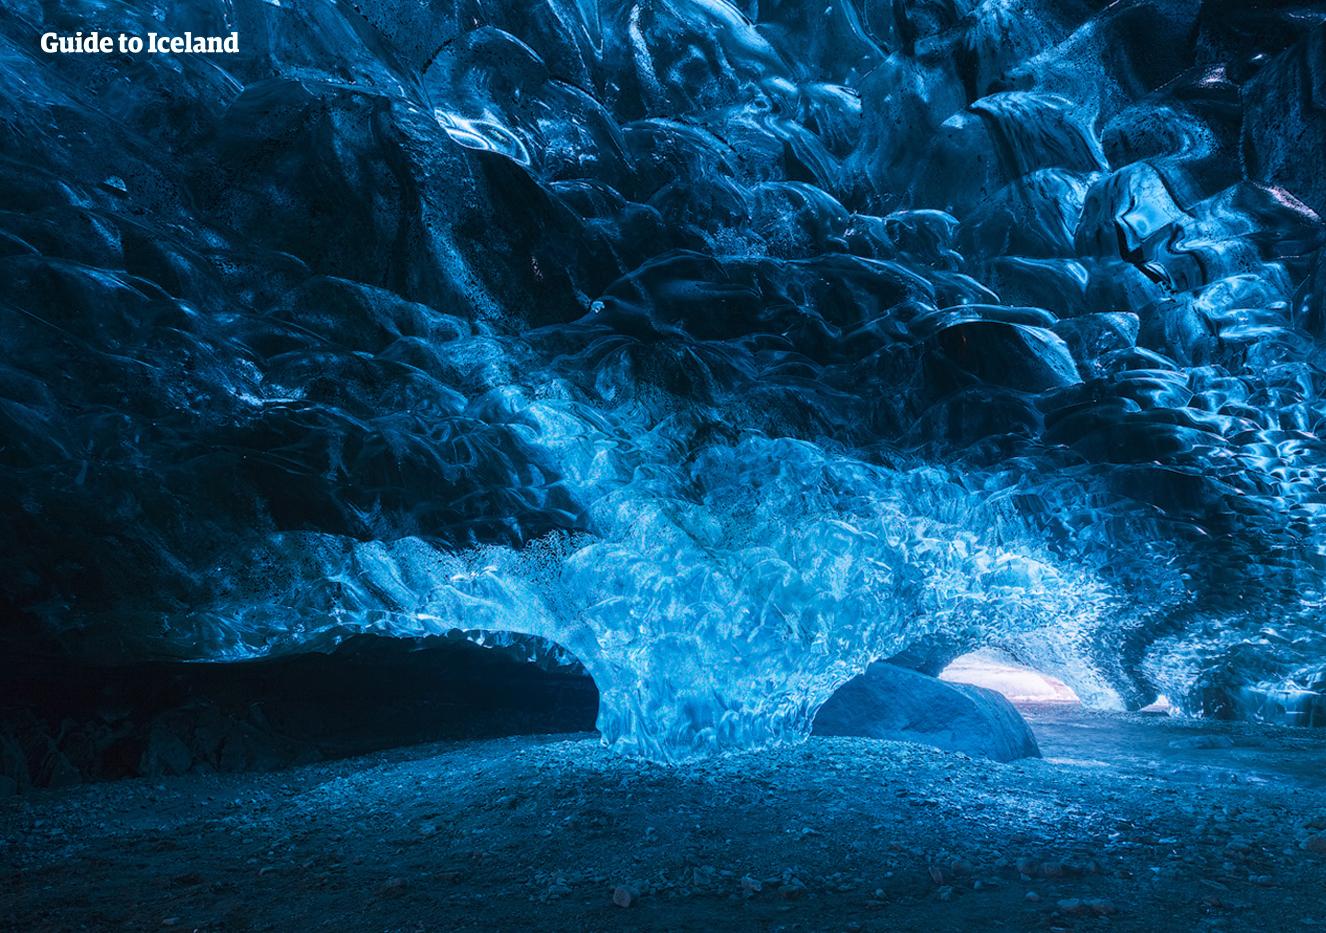 Fantastiska nyanser av blått i en äkta isgrotta i Vatnajökulls nationalpark